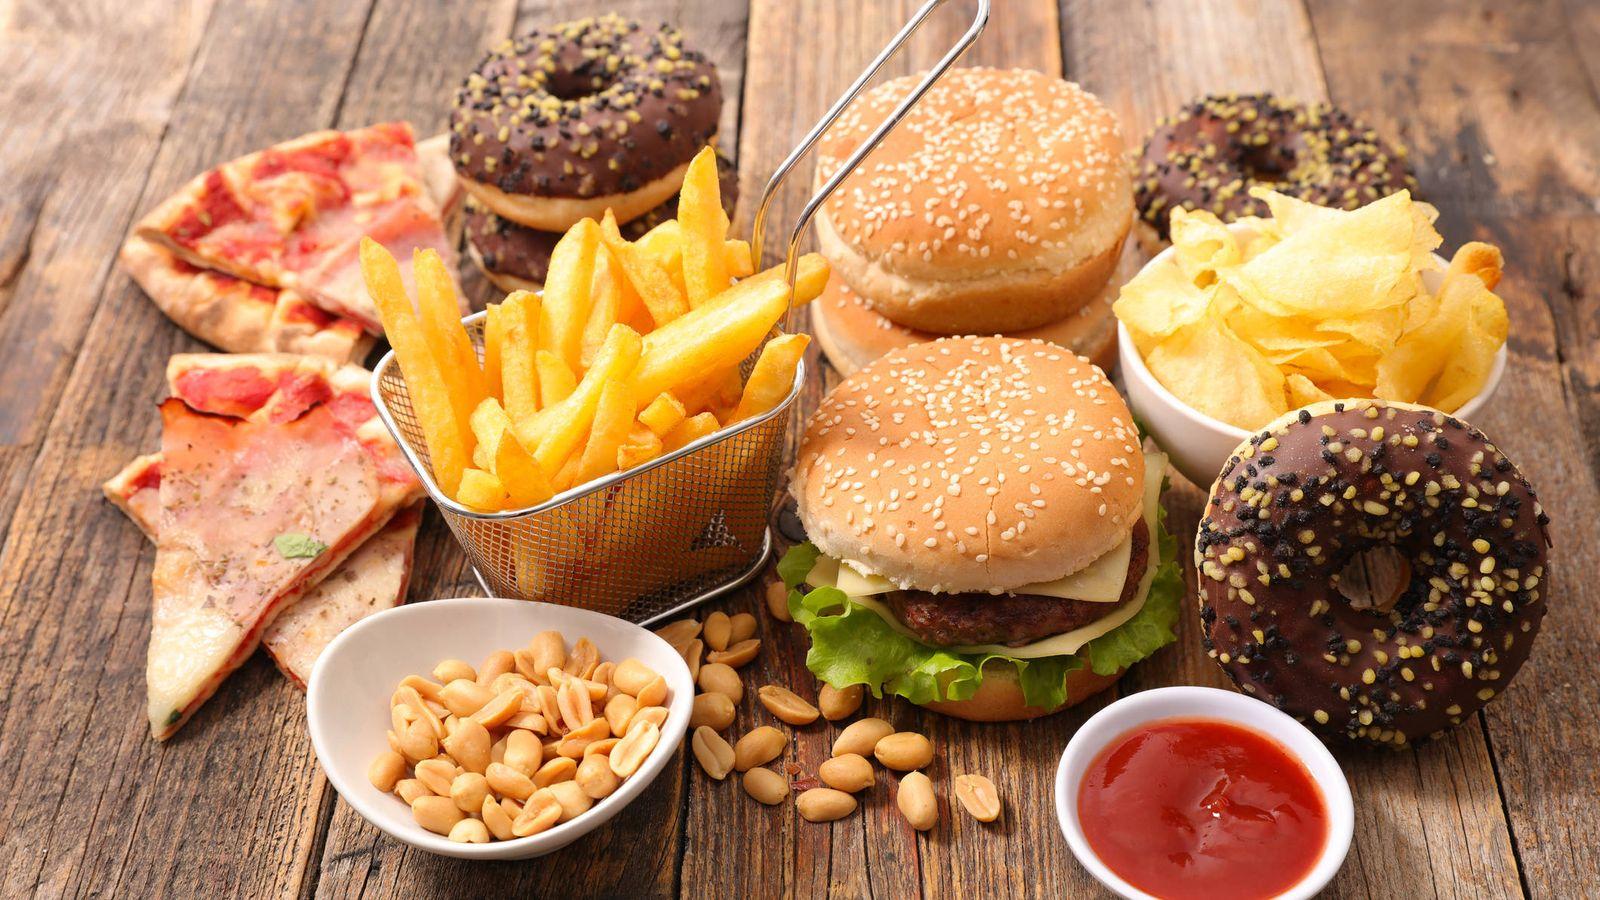 Evita la comida basura procesada (come comida real en su lugar